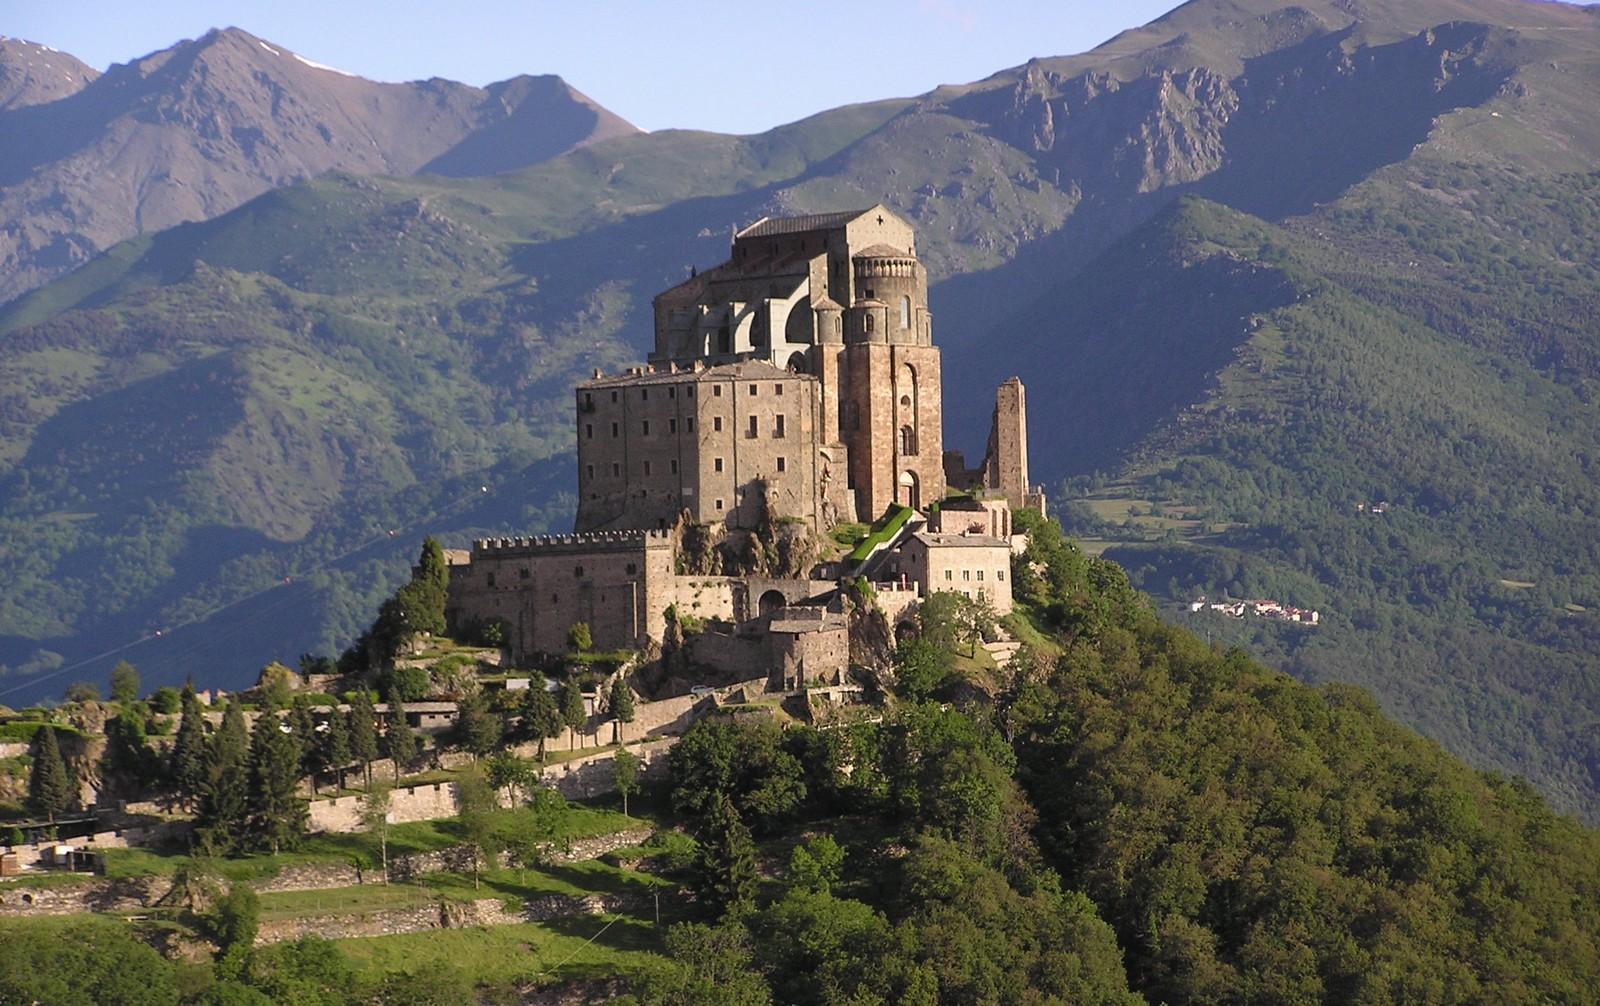 Las Más Famosas Apariciones de San Miguel Arcángel son en Gargano, Italia (29 sep y 8 may)